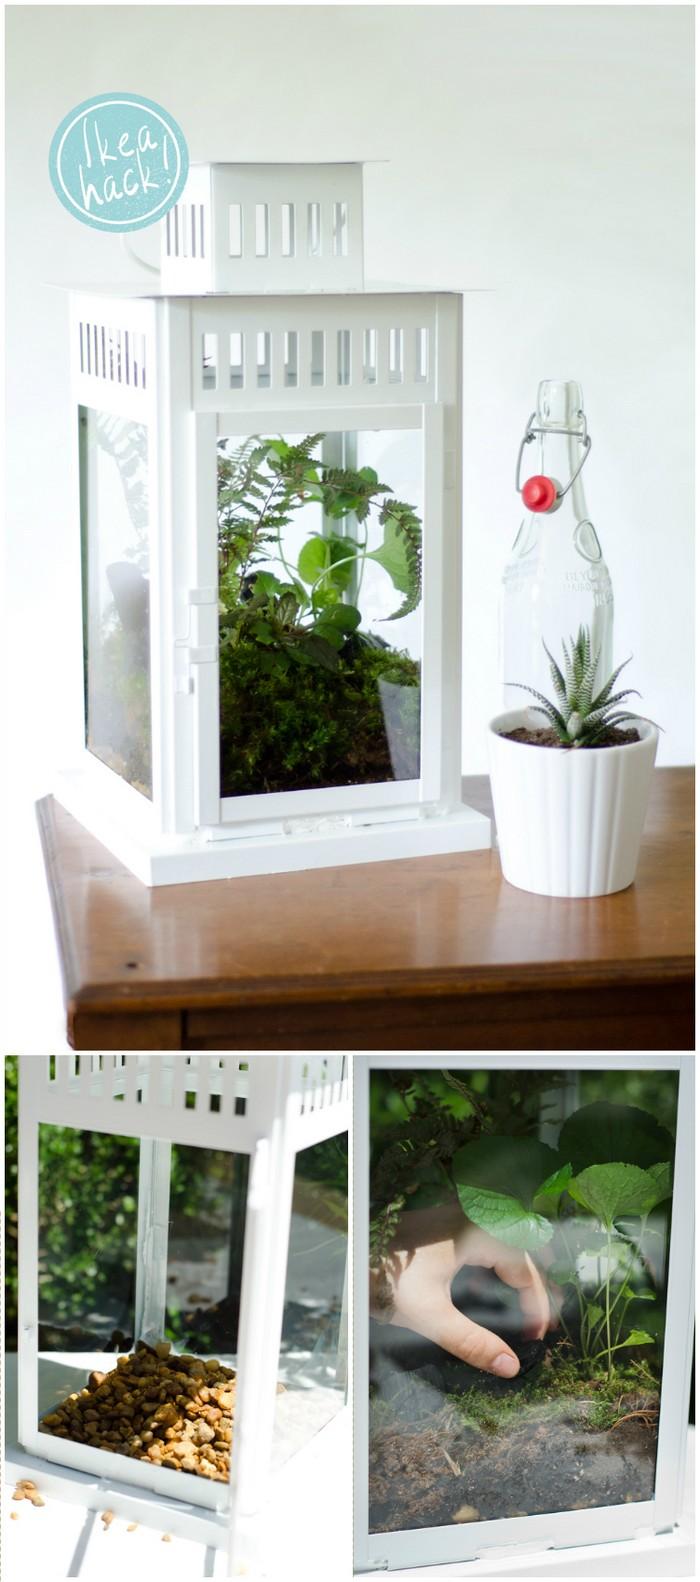 Ikea hacks for your home decor diy home decor for Home decor z